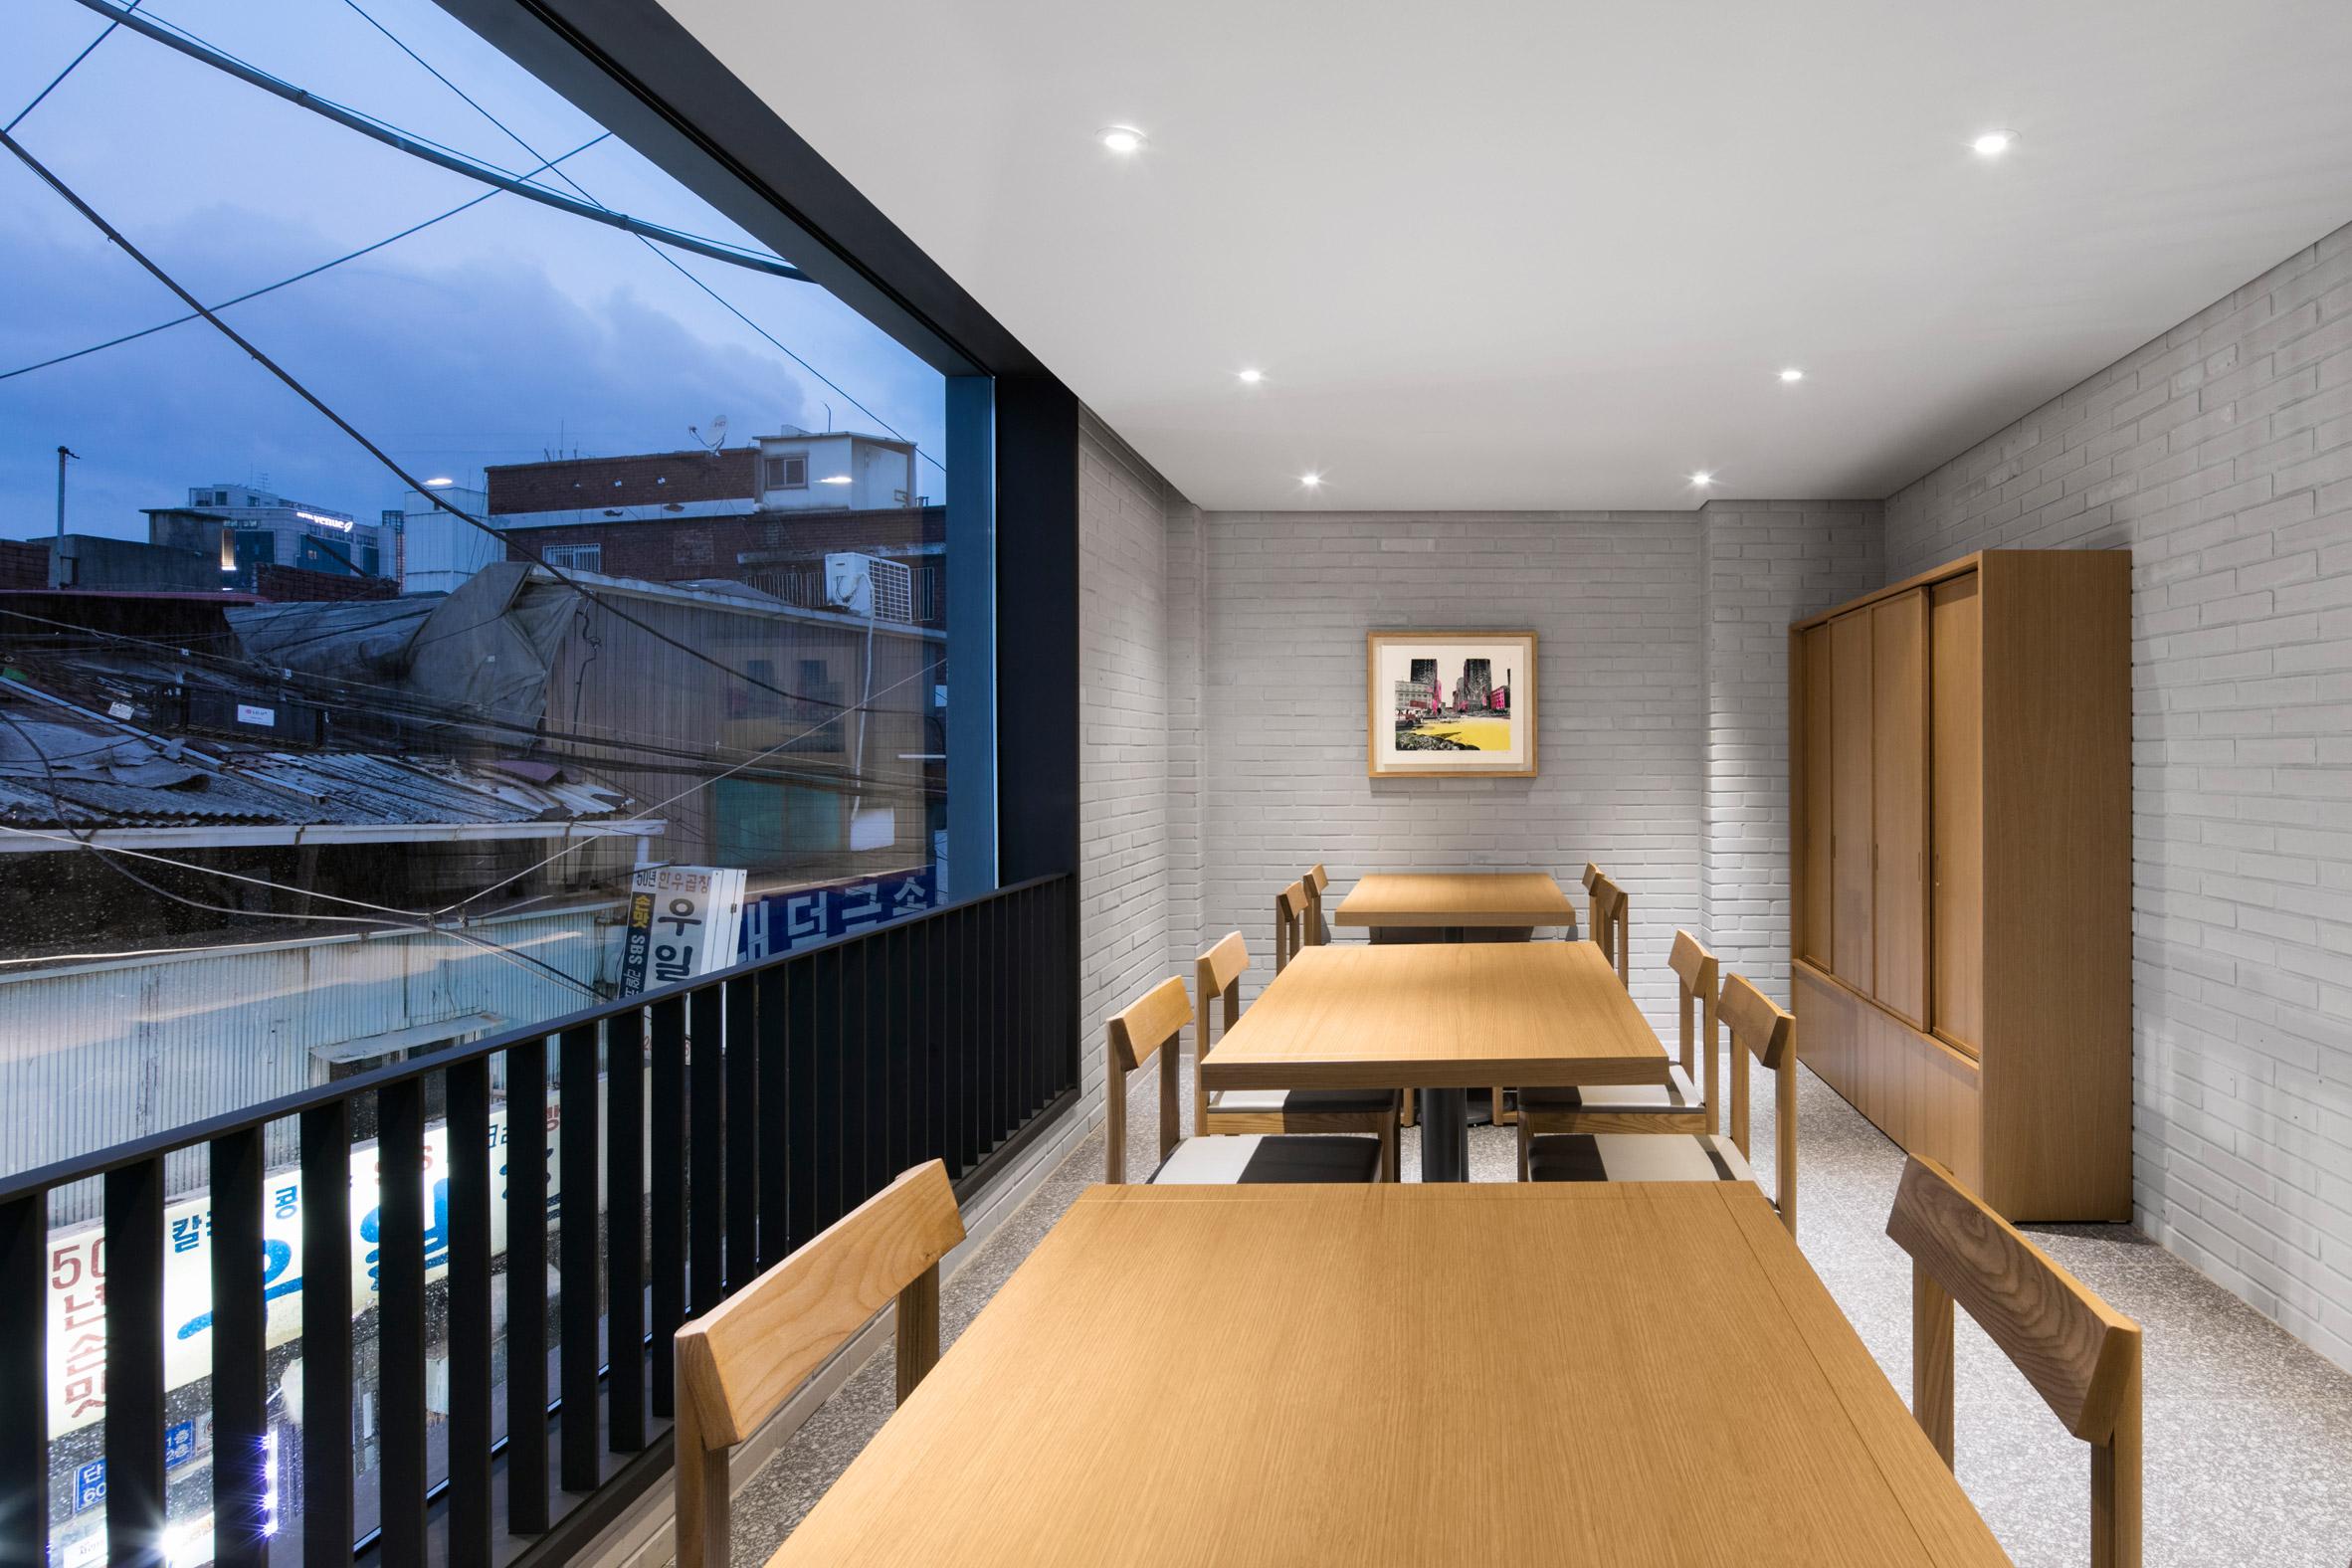 Thiết kế nội thất nhà hàng hàn quốc 15